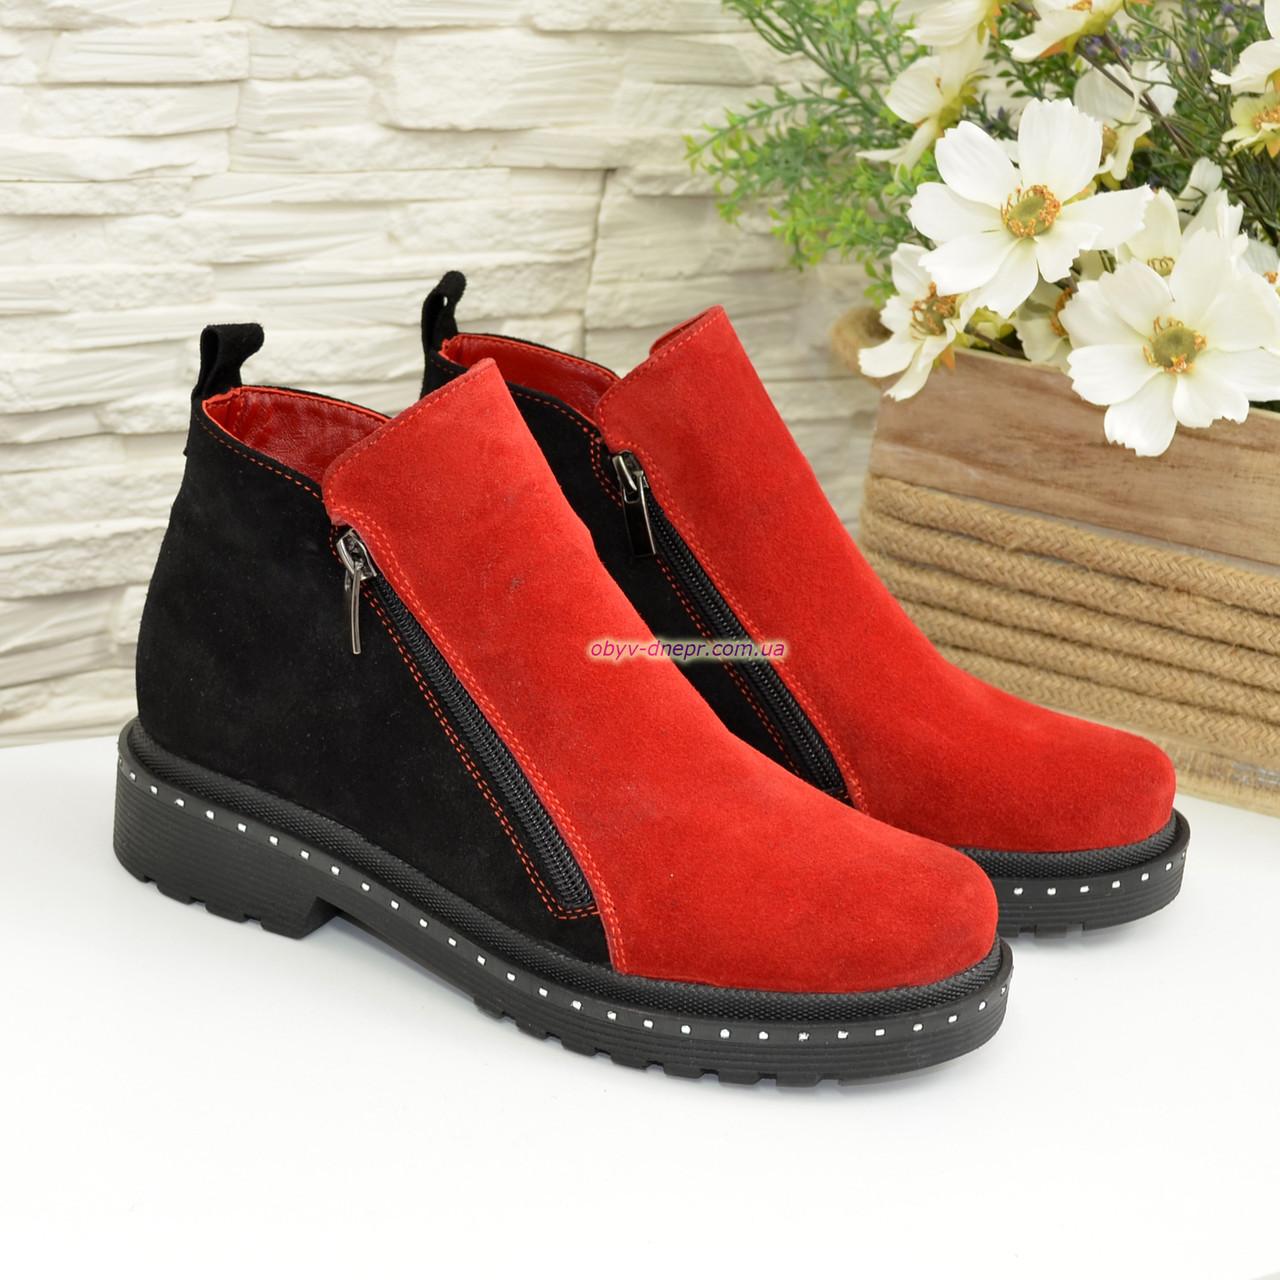 Ботинки женские зимние замшевые на маленьком каблуке